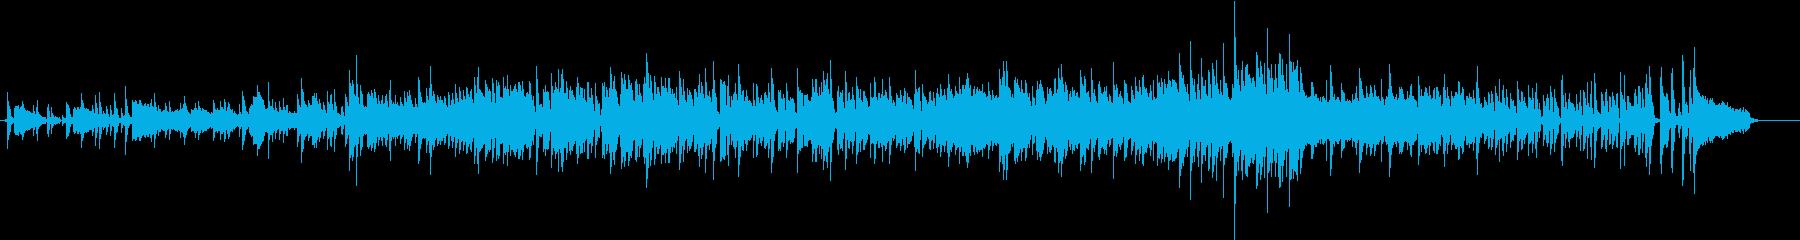 おしゃれ系ボサノバです。の再生済みの波形